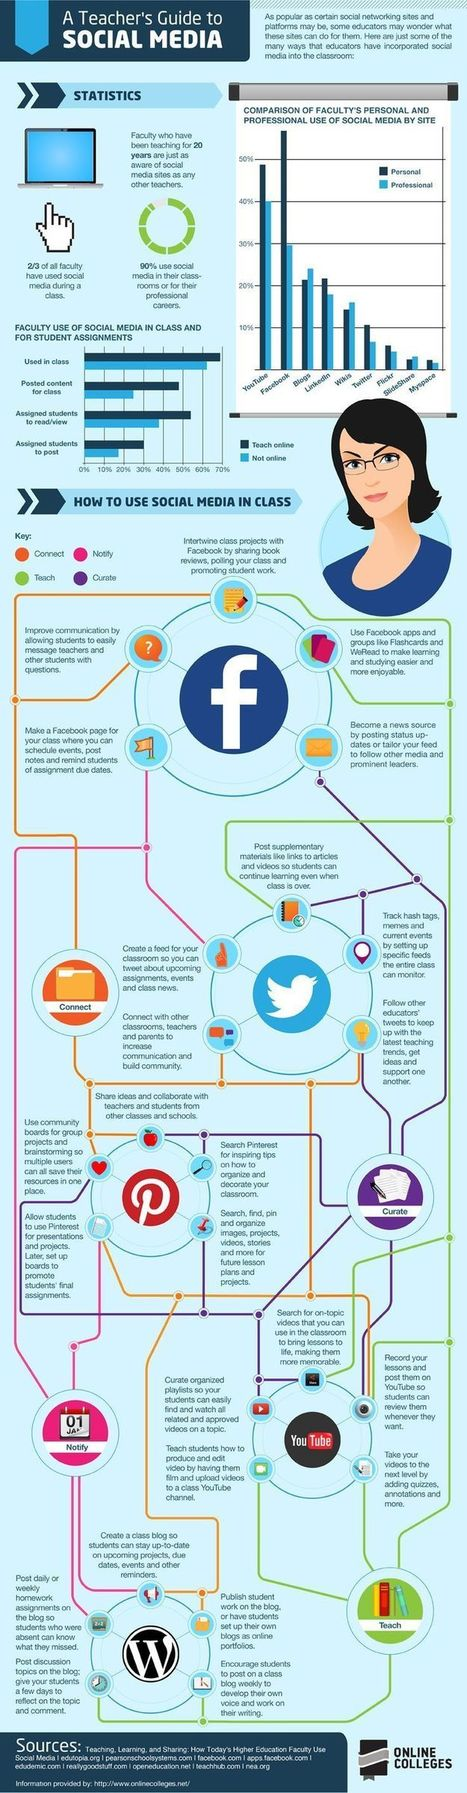 social media @eraser | bytetime | Scoop.it